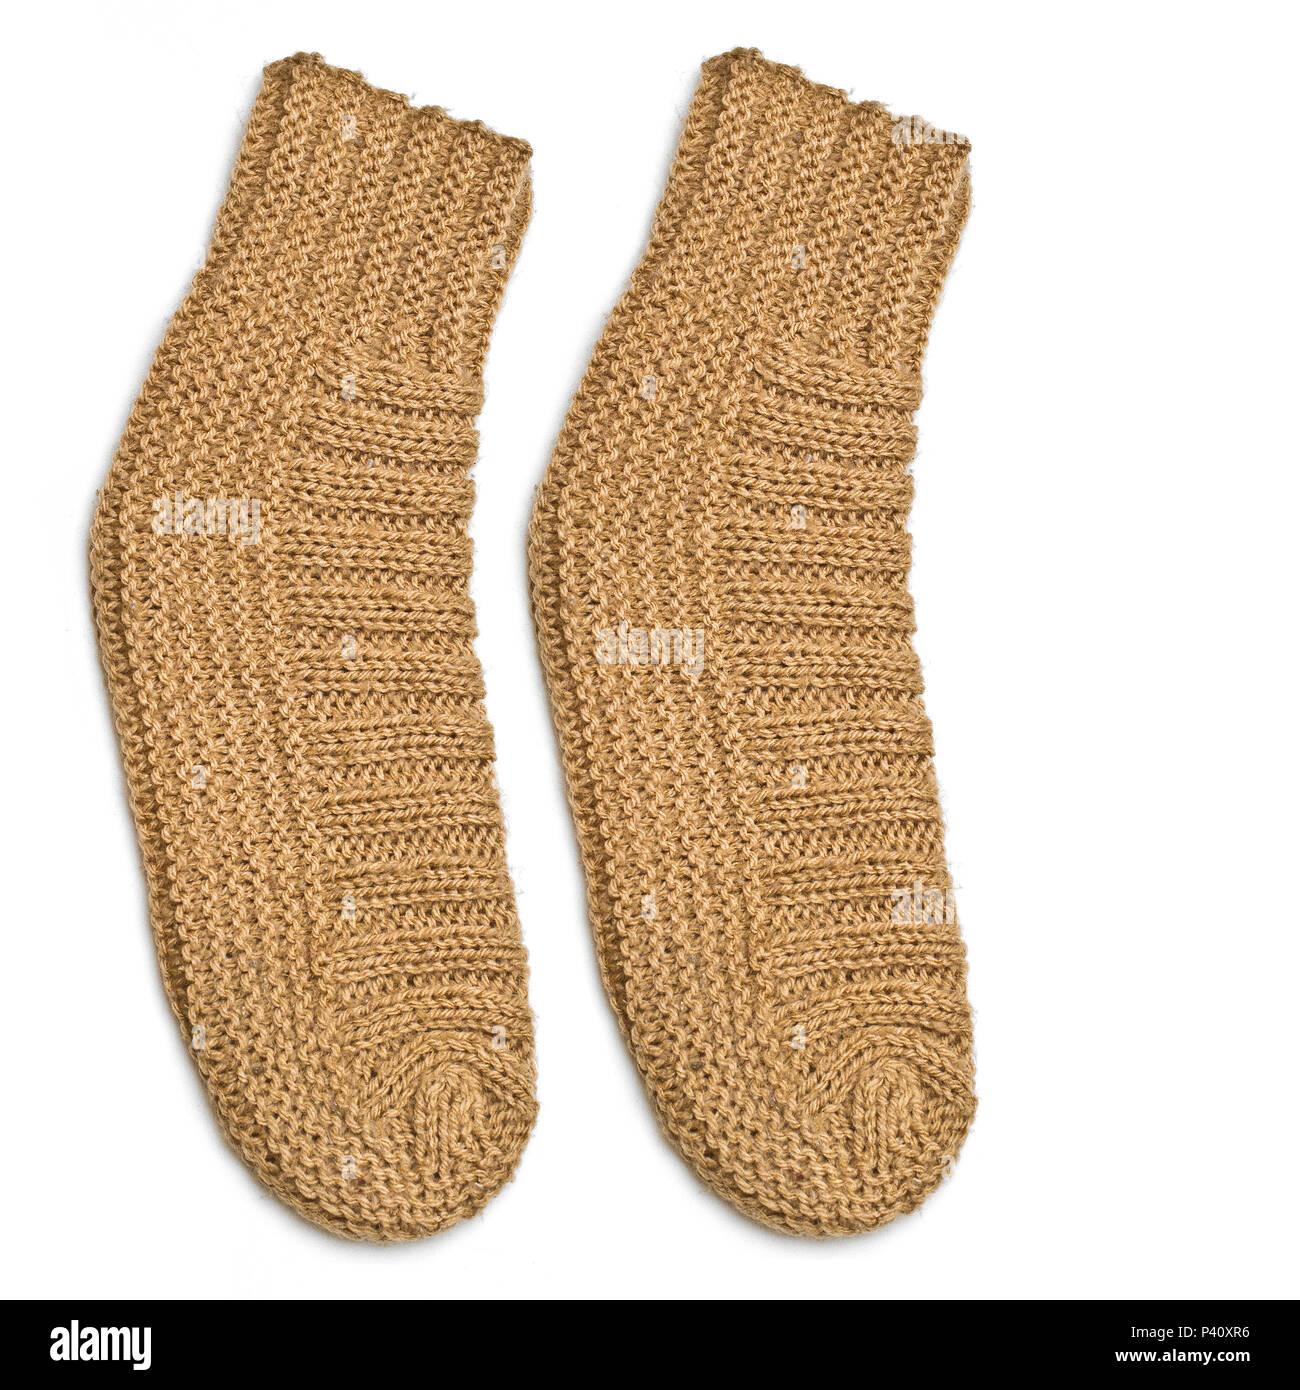 Par de meias de crochê crochê trabalhos manuais acessório de inverno Immagini Stock